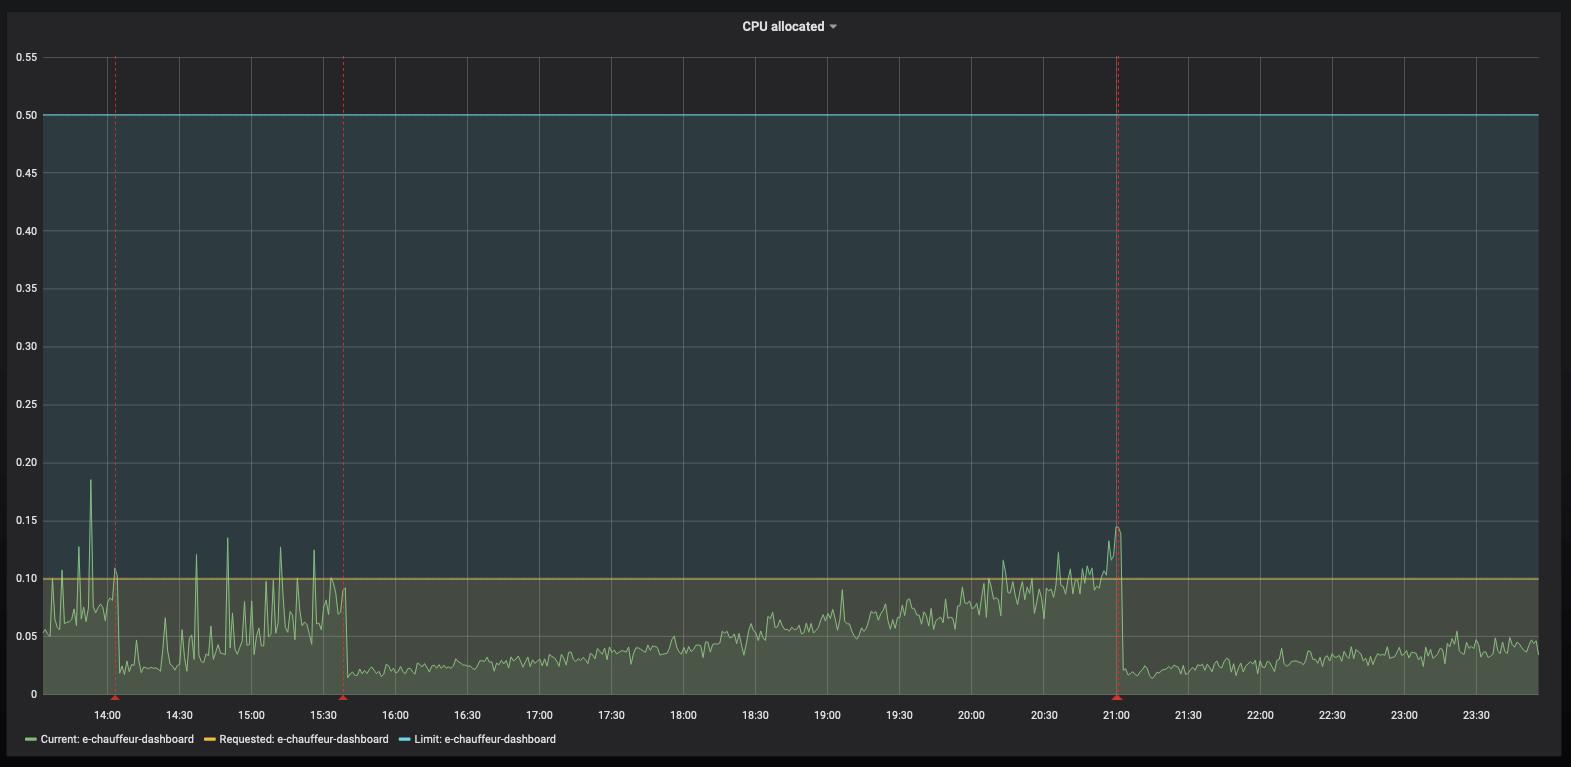 Ce graphique montre une augmentation progressive de l'utilisation du processeur, jusqu'à des lignes verticales rouges, matérialisant le redémarrage du conteneur